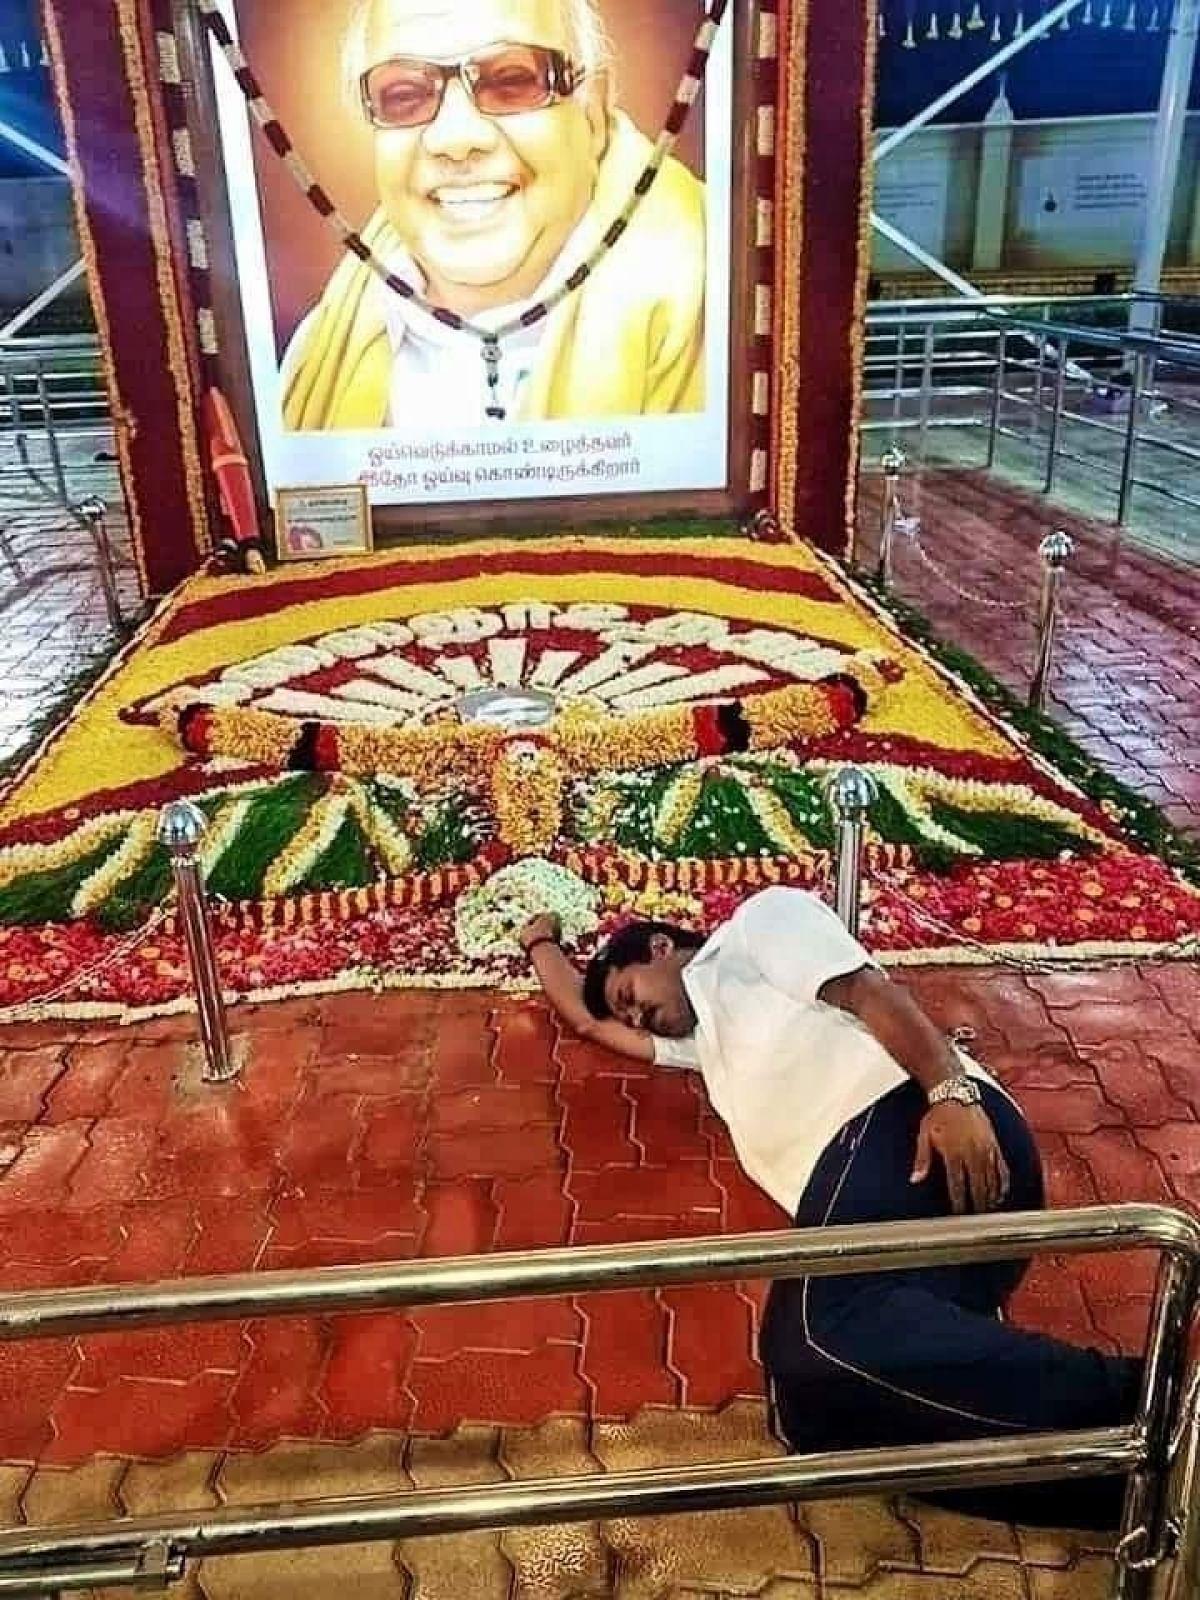 கருணாநிதி சமாதியில் நித்யா